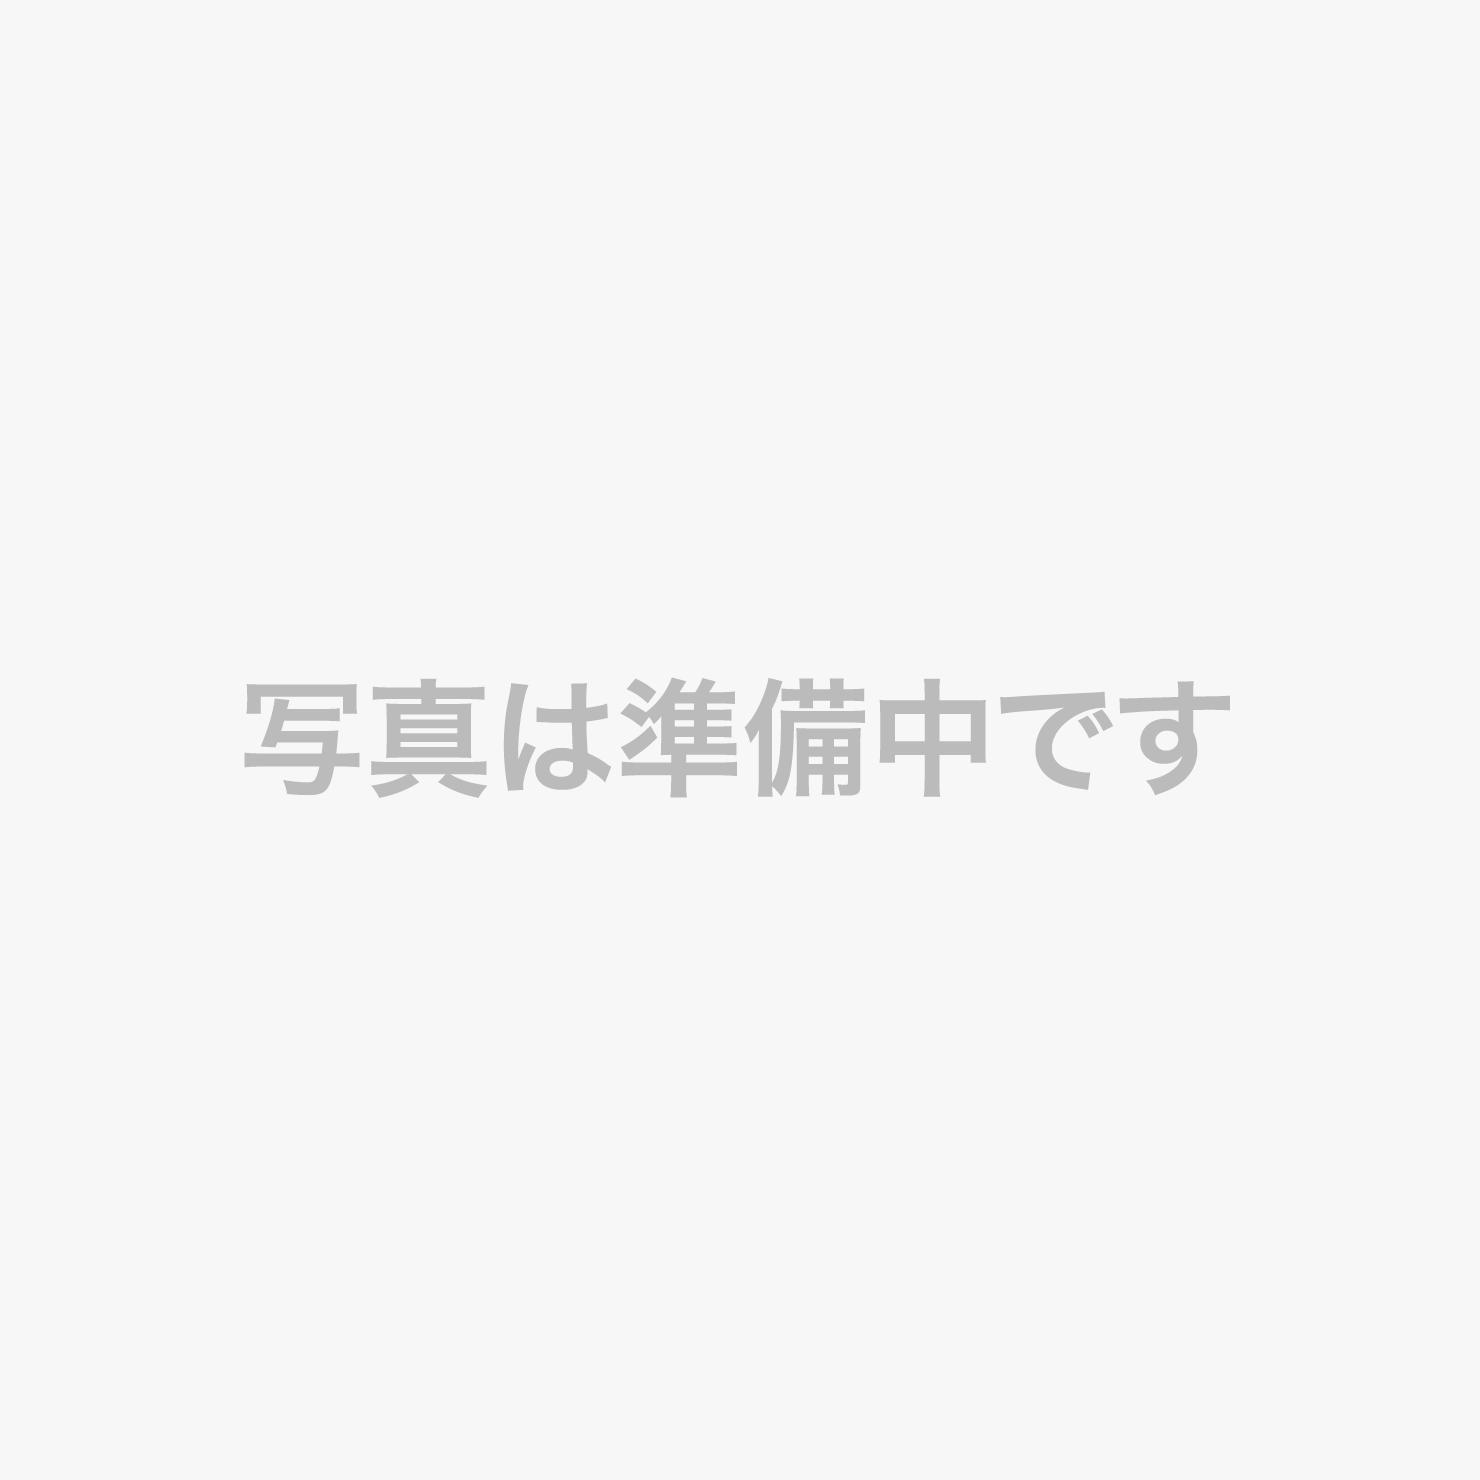 【スカイスパ】14~24時◆宿泊者1回600円